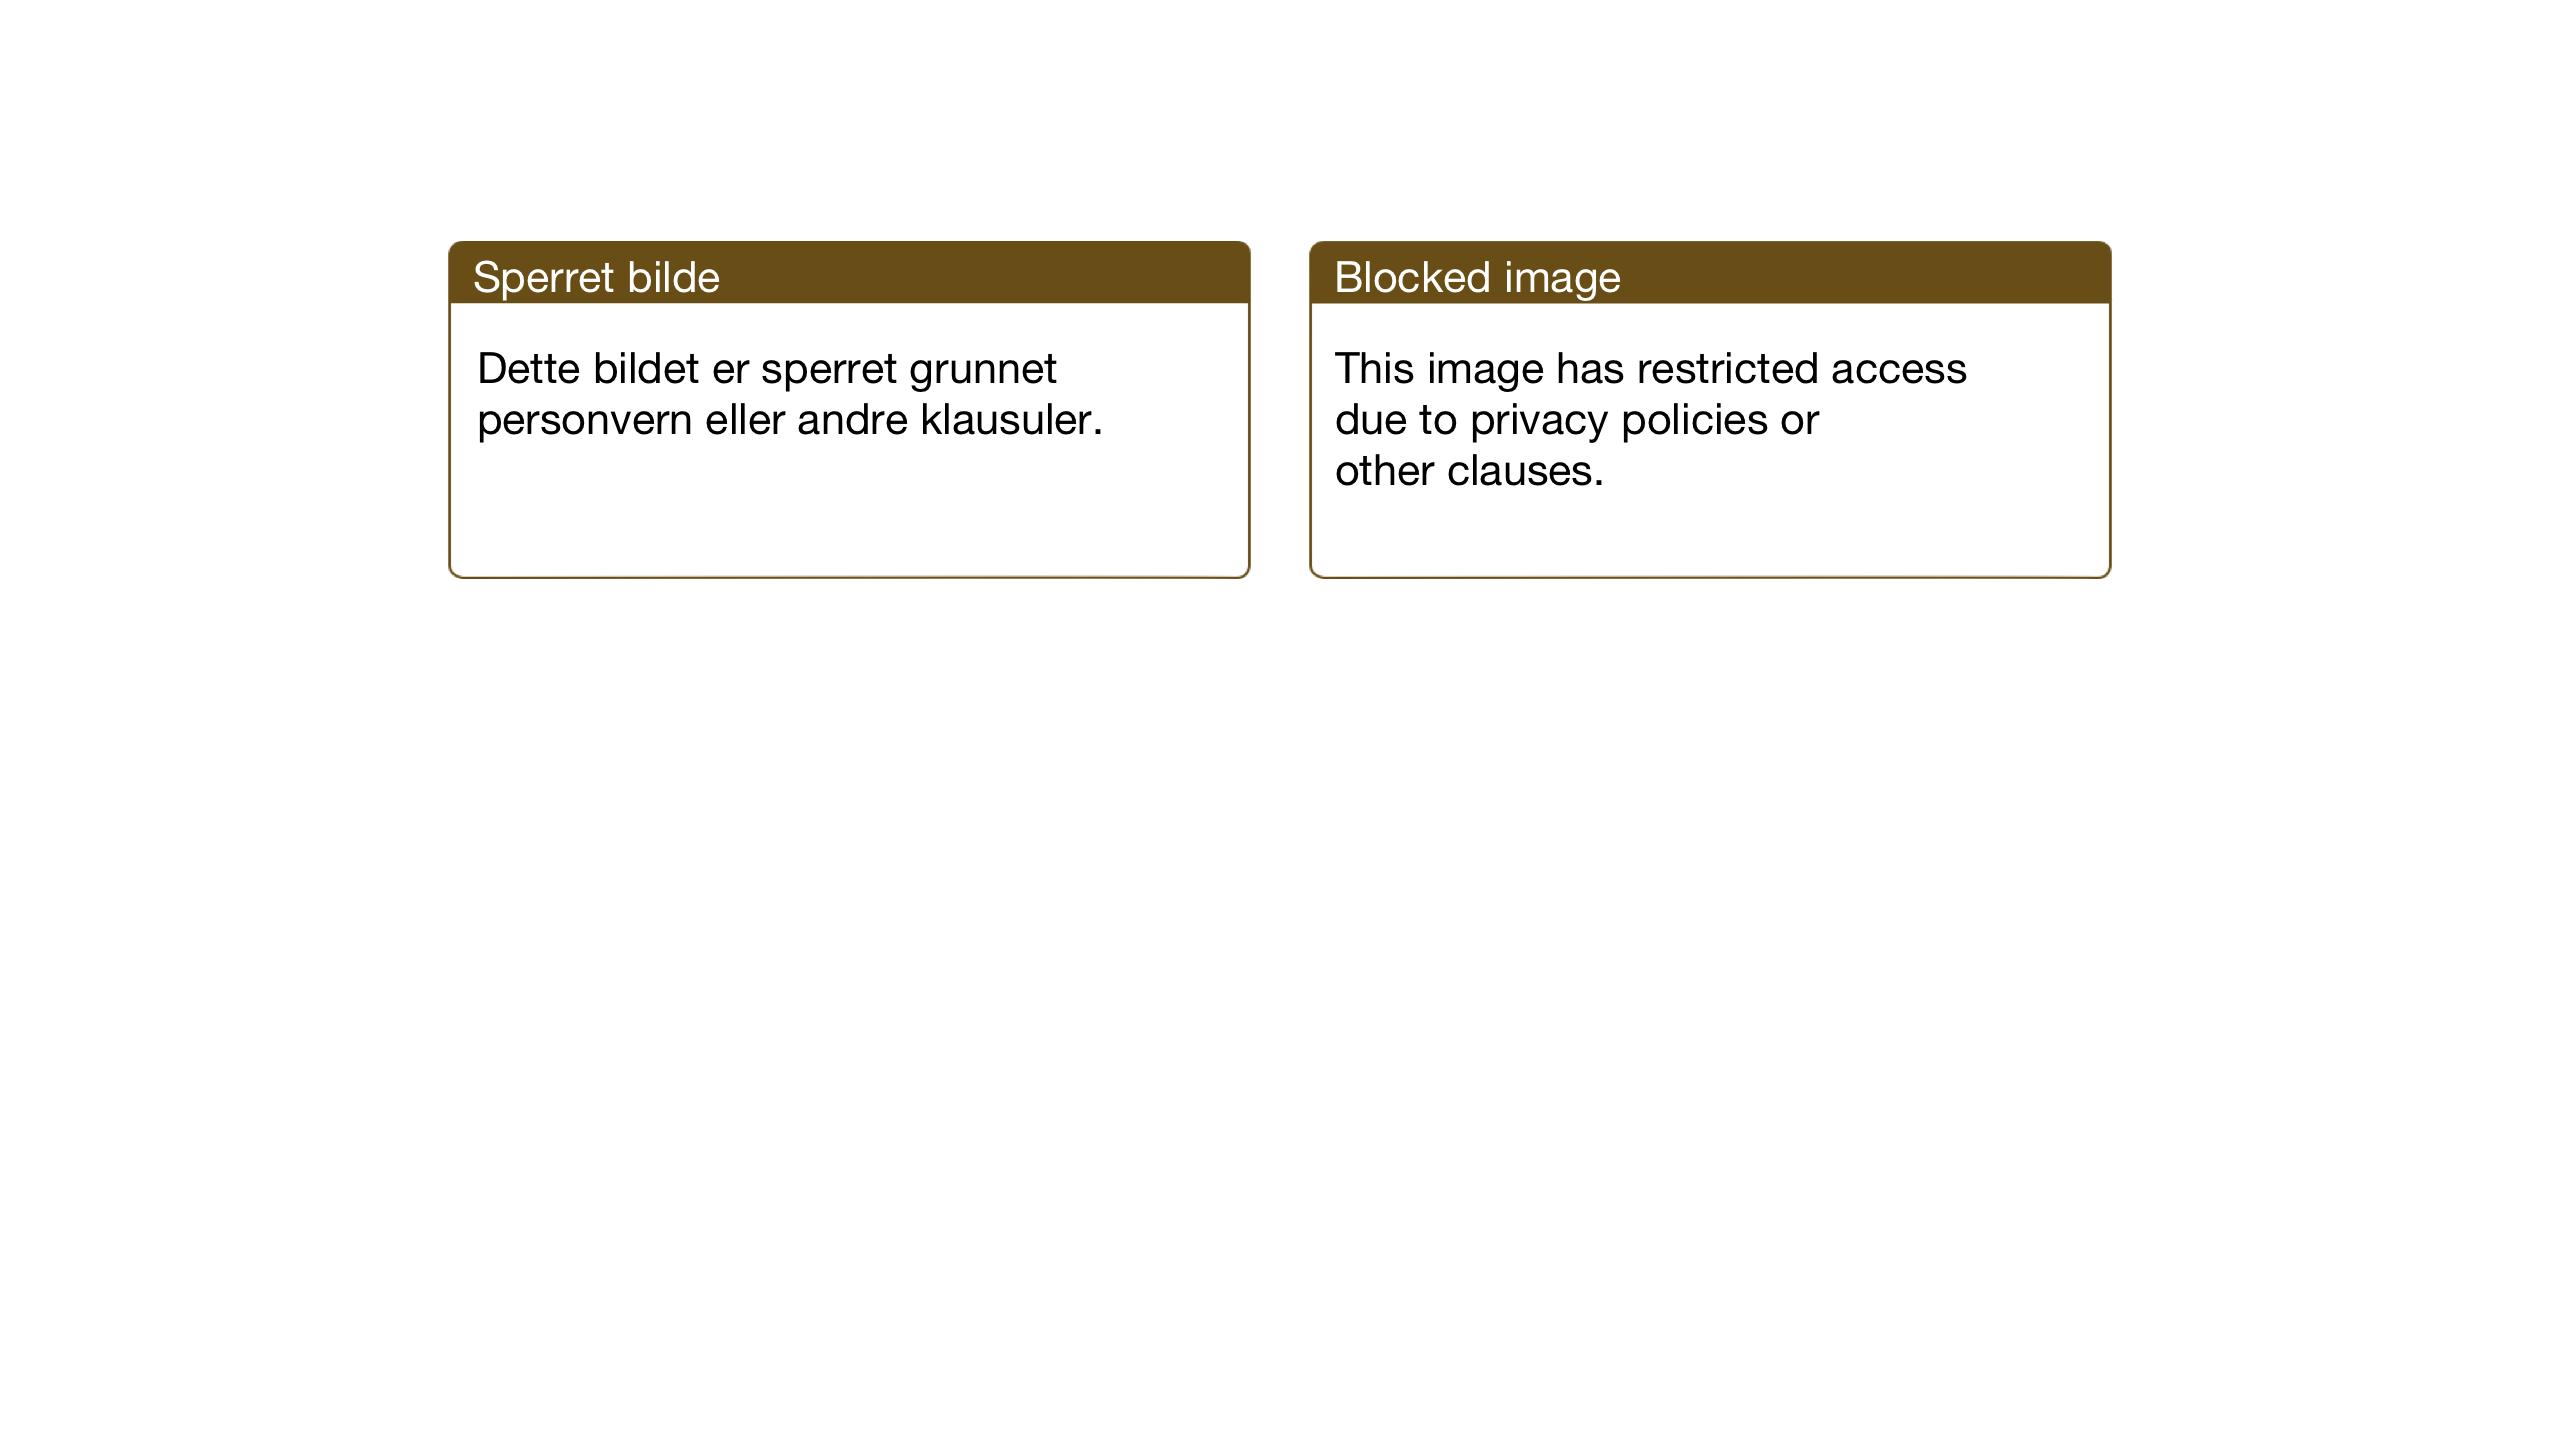 SAT, Ministerialprotokoller, klokkerbøker og fødselsregistre - Sør-Trøndelag, 698/L1169: Klokkerbok nr. 698C06, 1930-1949, s. 86